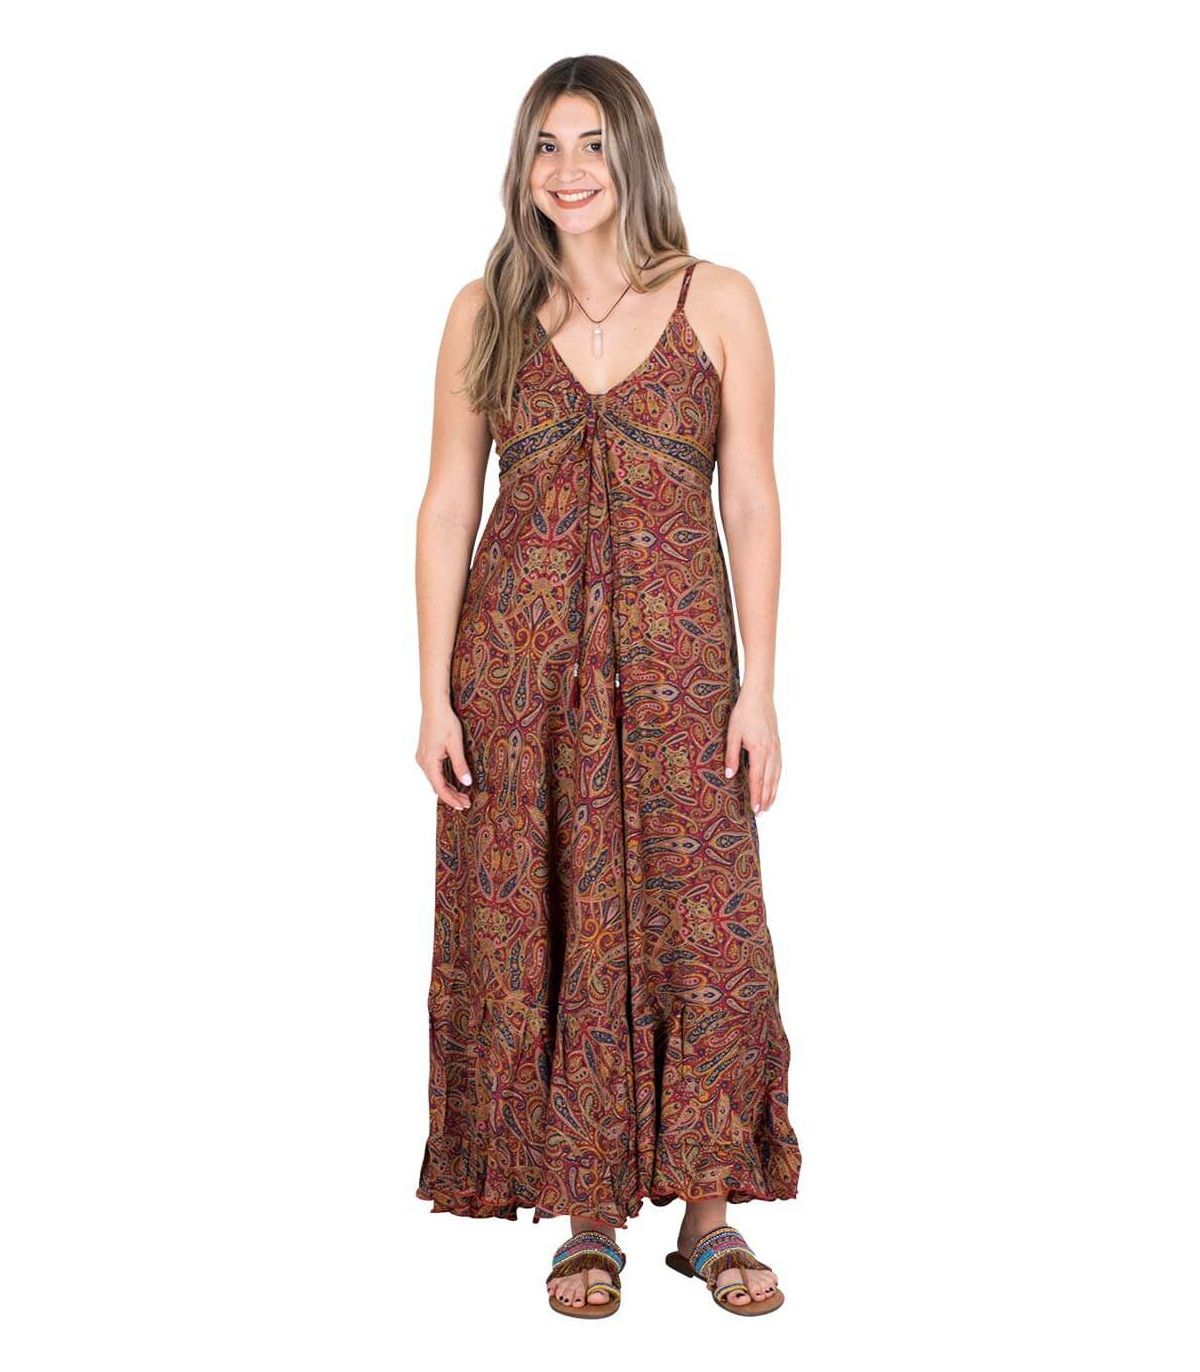 Vestito lungo seta | Abiti in seta online